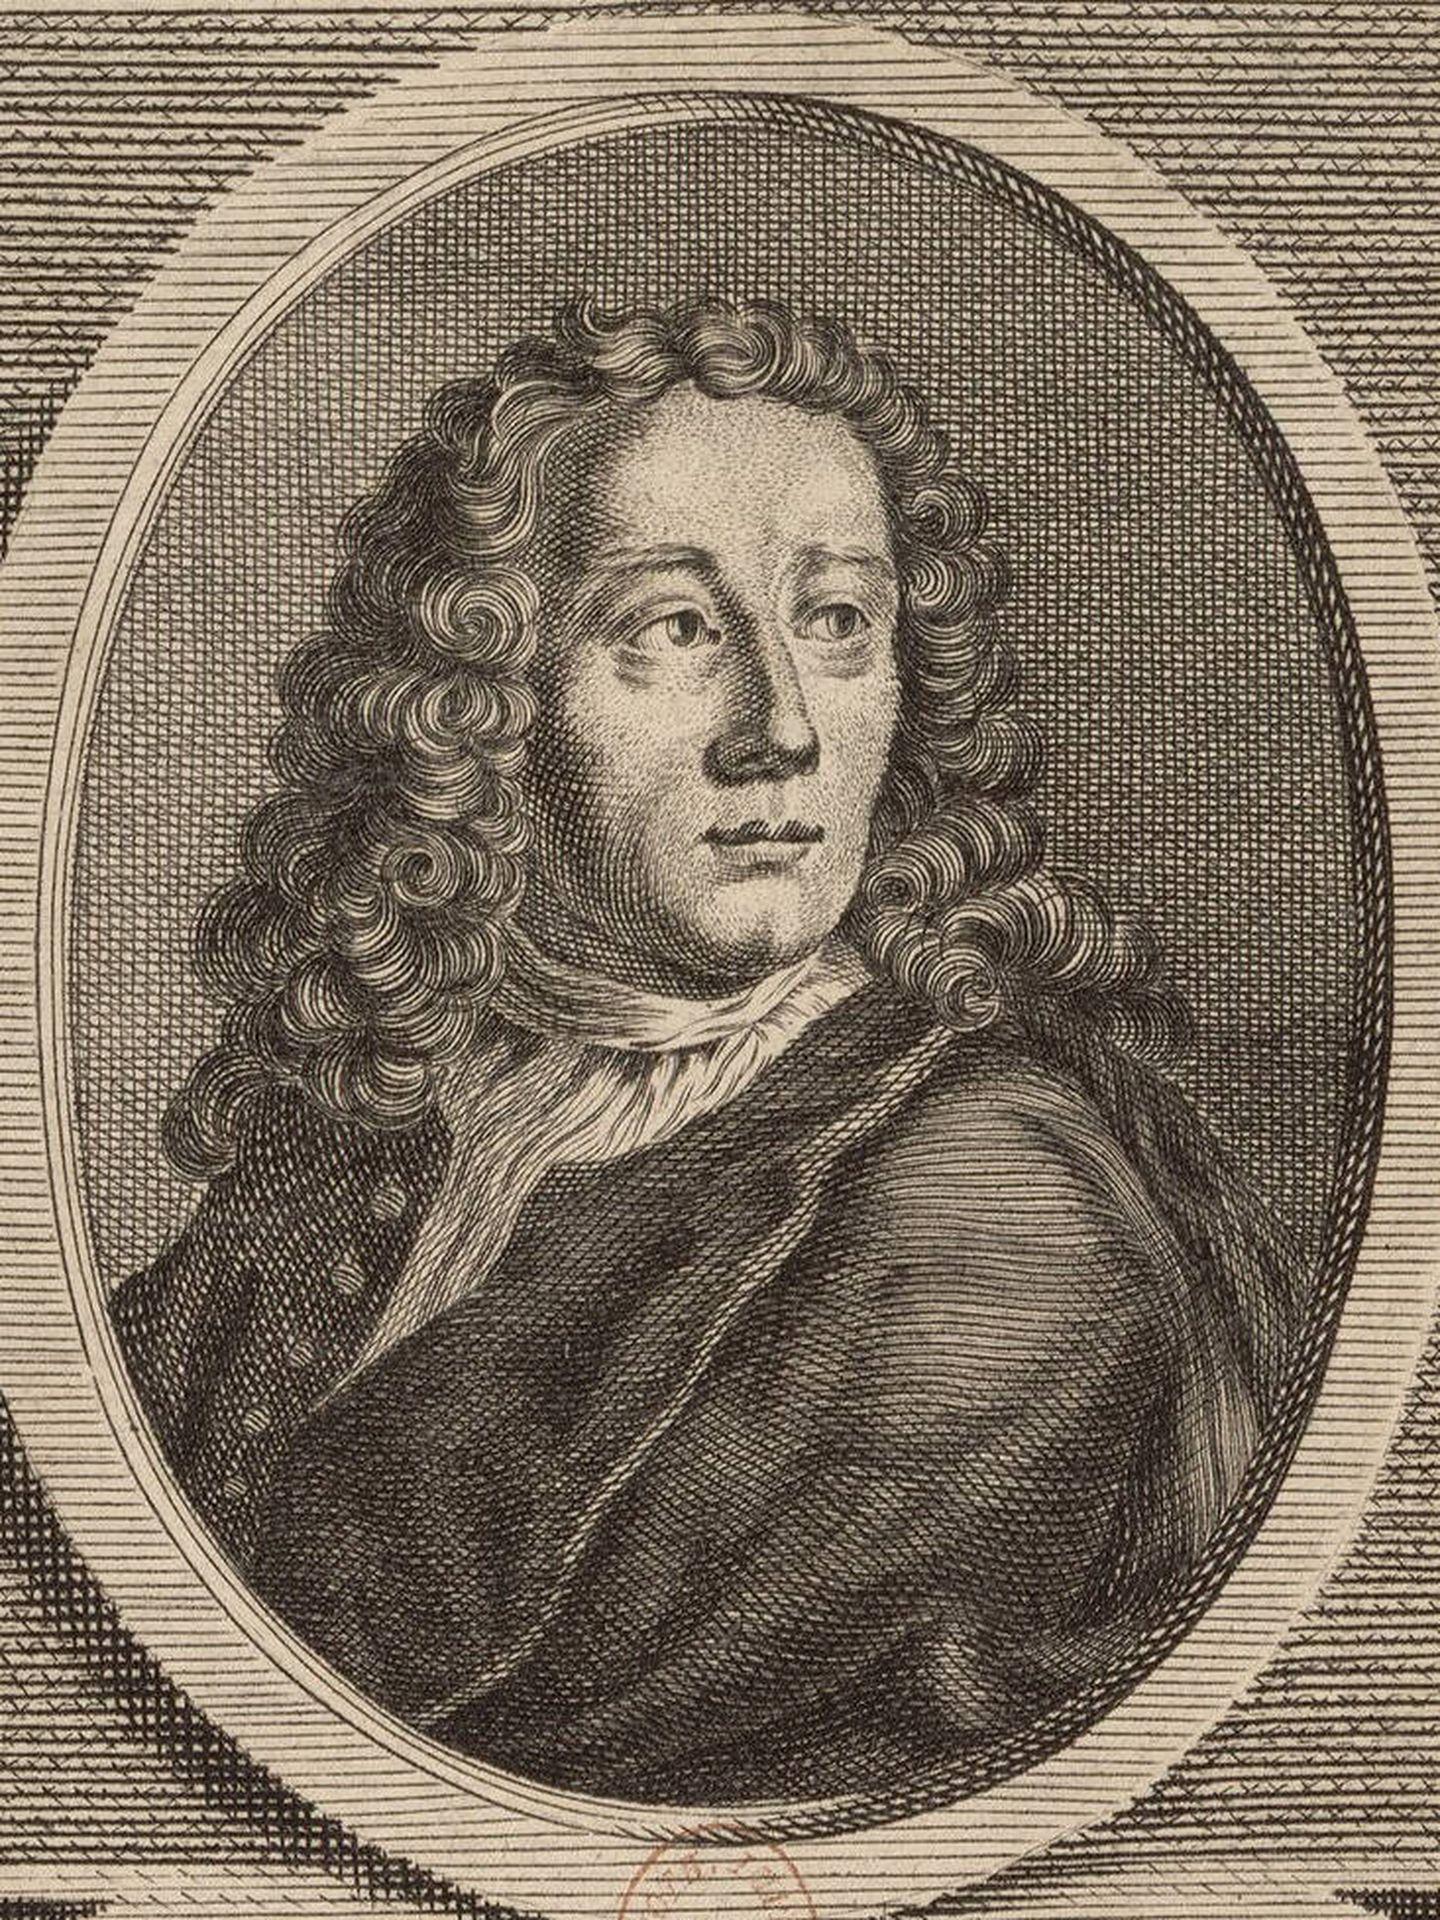 Jean Baptiste de Boyer, marqués de Argens